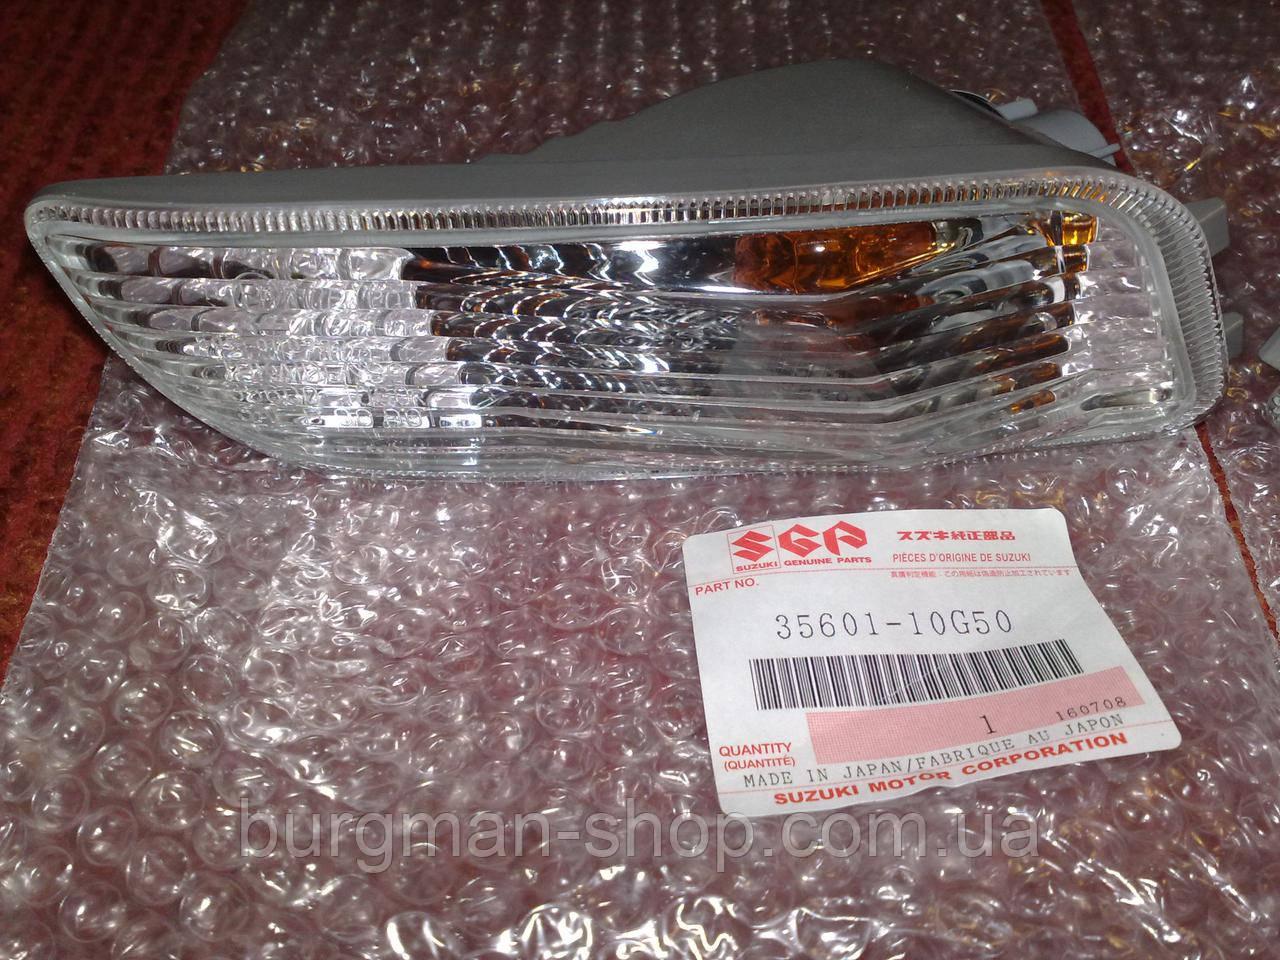 Правый передний поворотник (прозрачный)650сс Suzuki Burgman SkyWave 35601-10G50